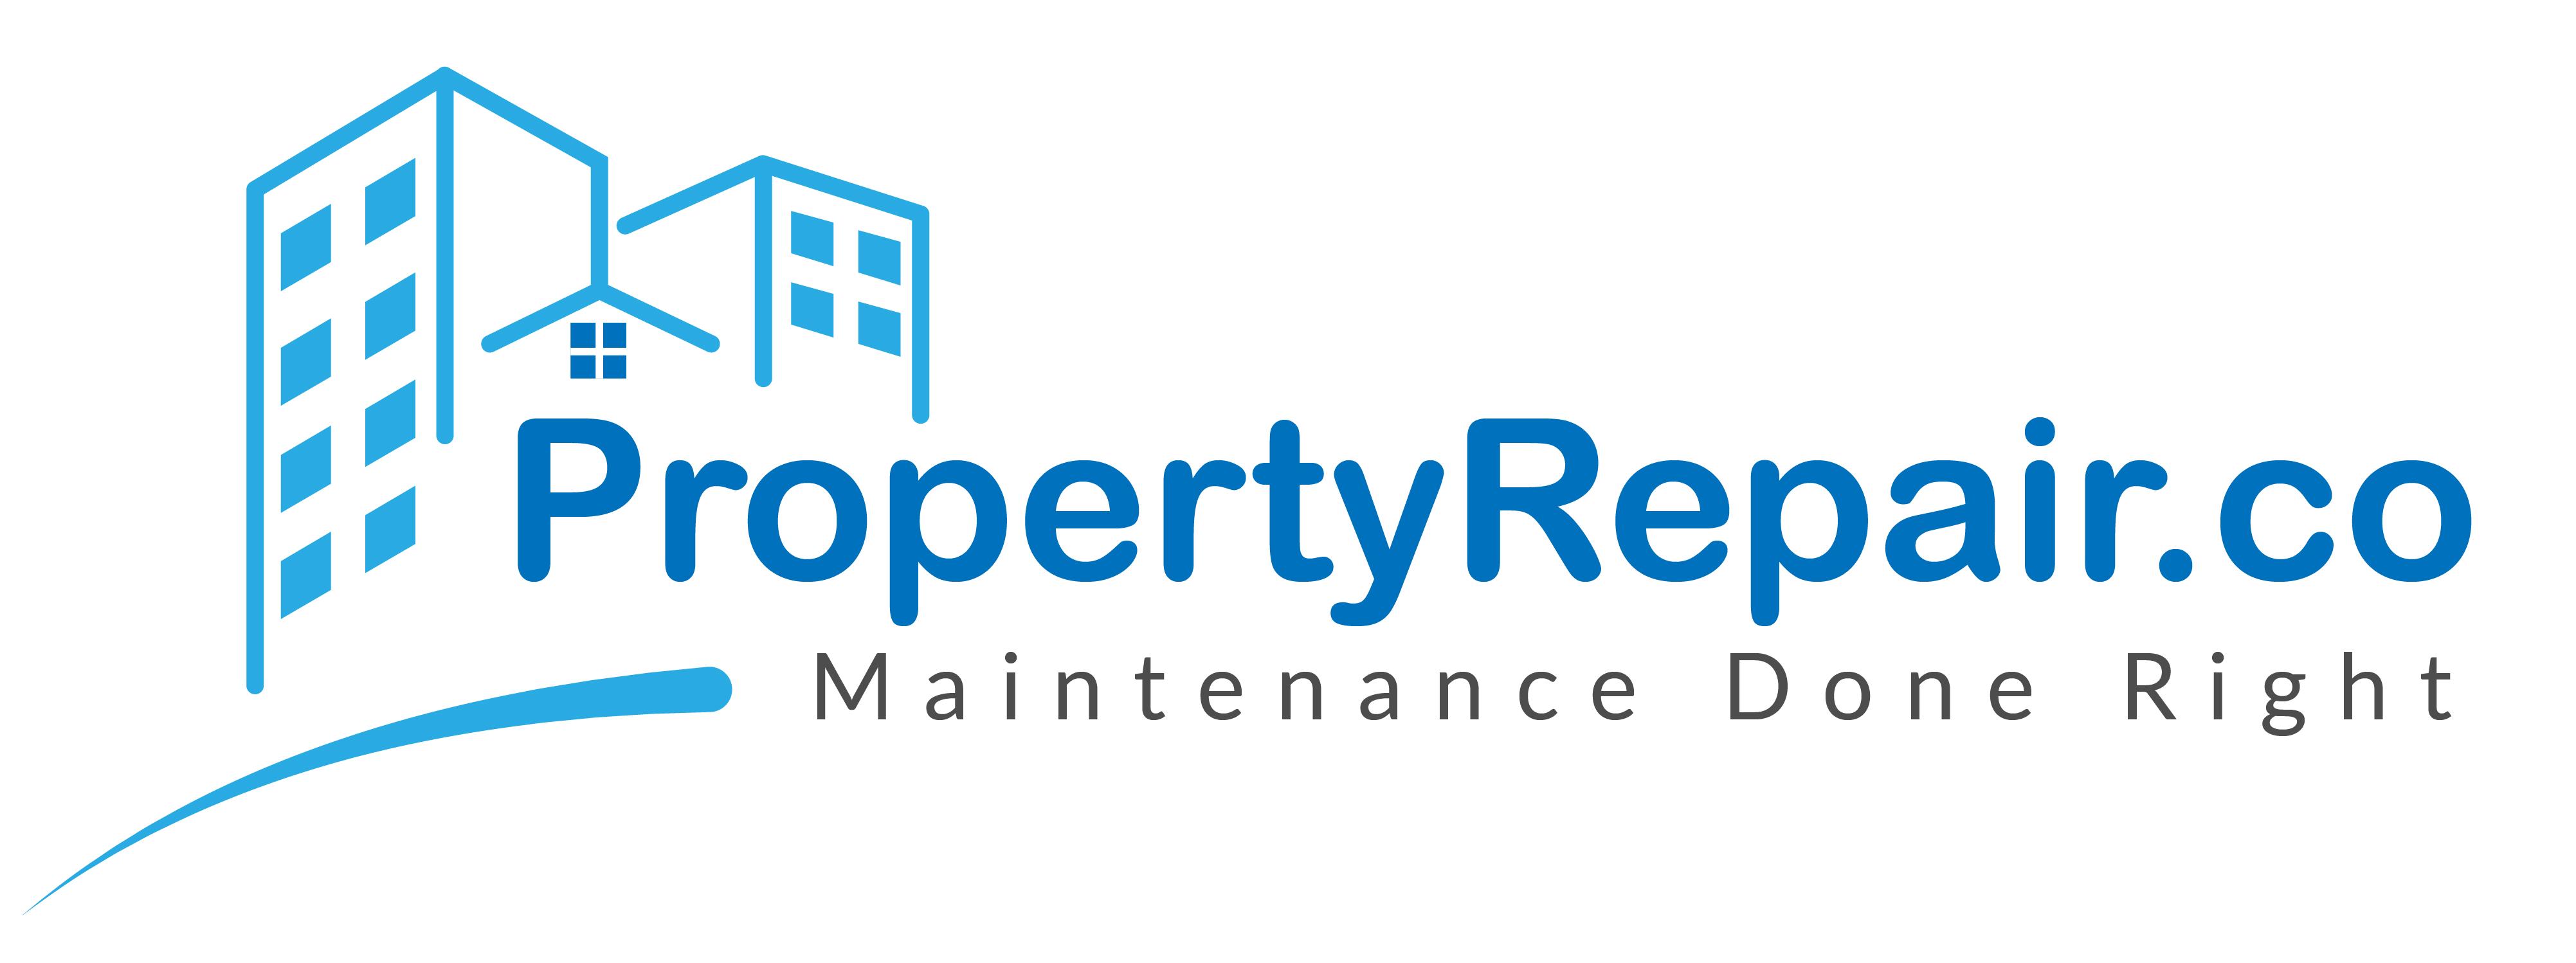 PropertyRepair